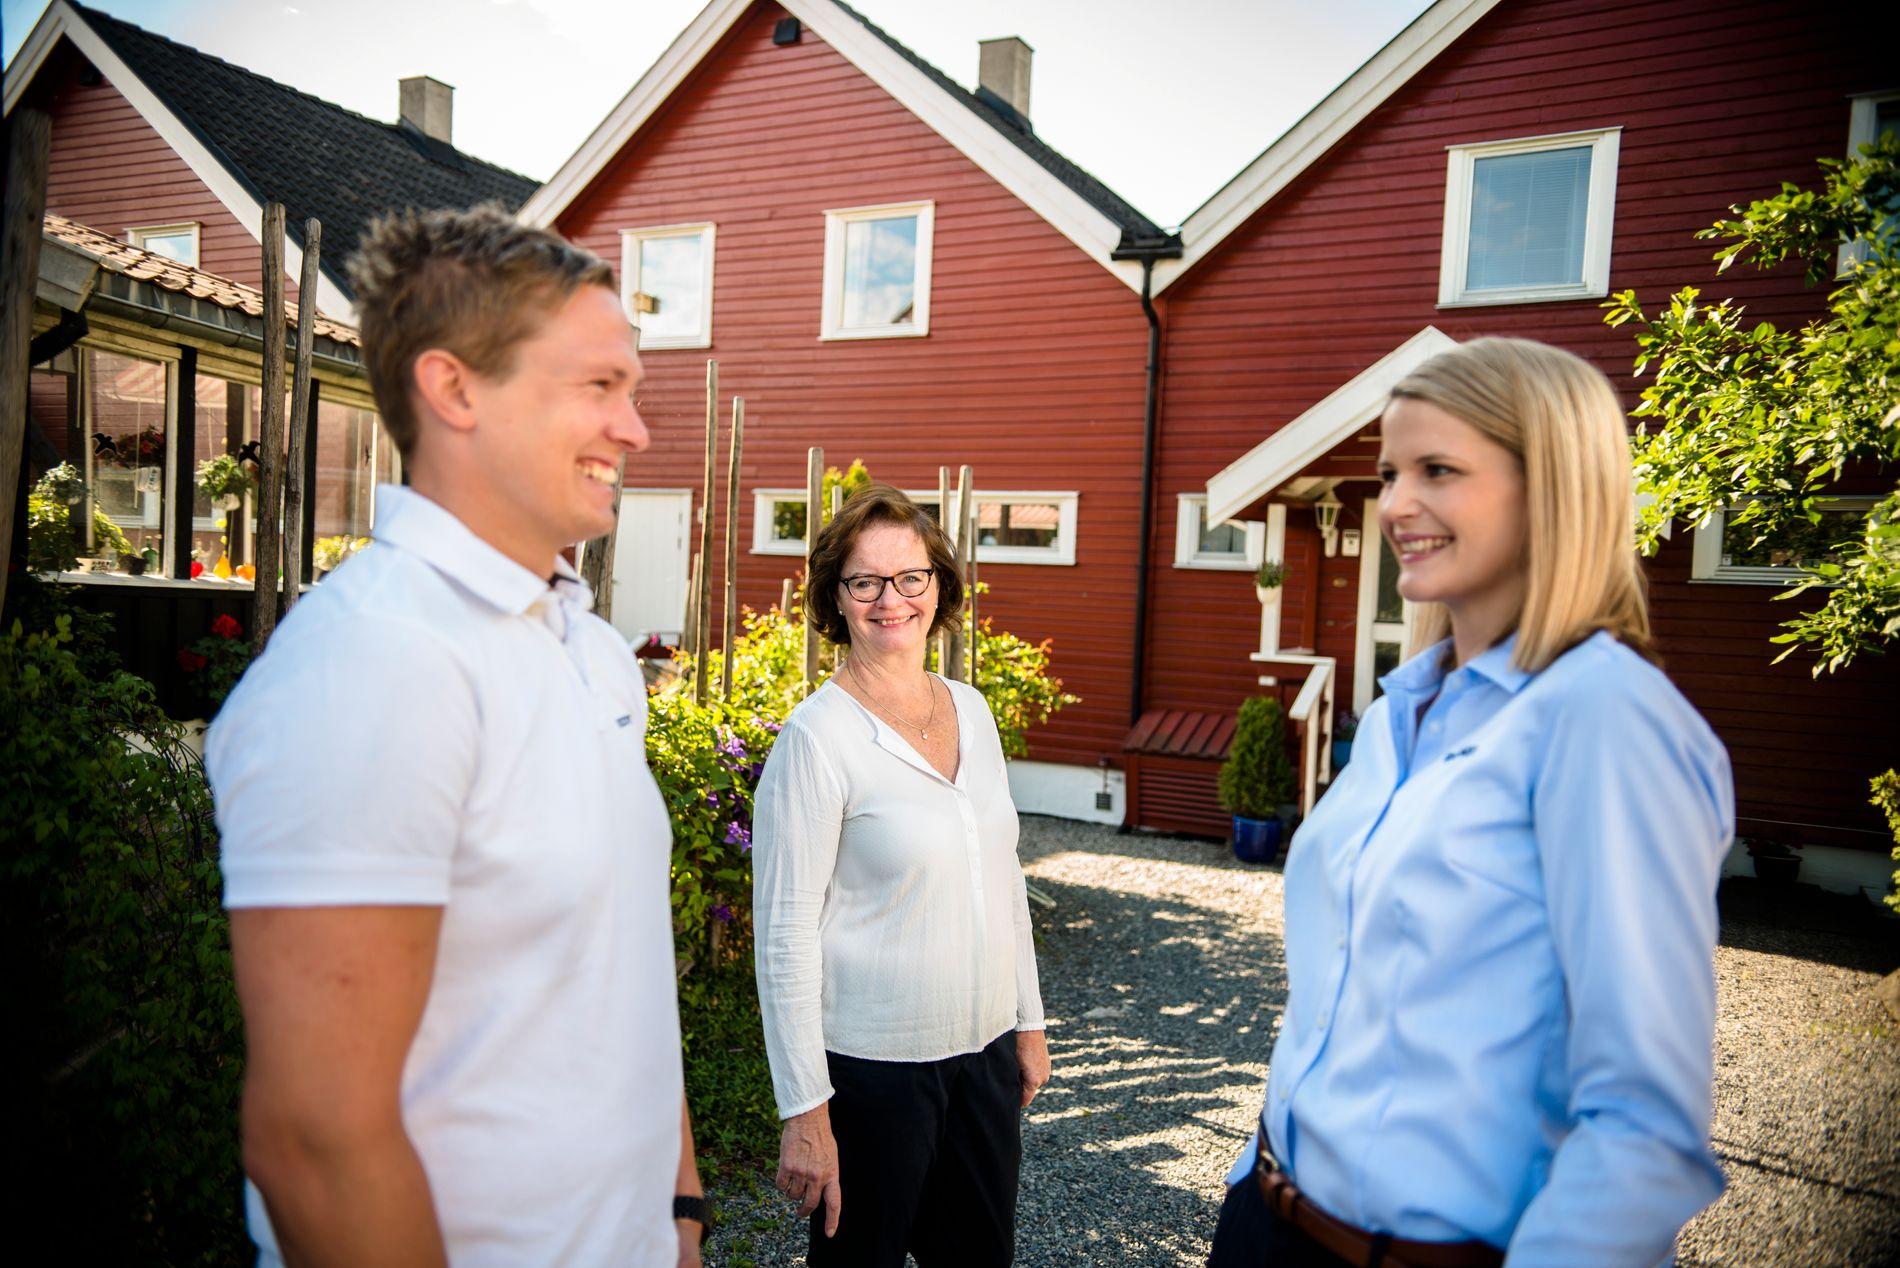 GODT ARBEIDSMILJØ: Avdelingsleder Fredrik Larsson og HR-rådgiver Kristine S. Gjelsvik (til høyre) i Recover lover gode arbeidsvilkår og en variert arbeidshverdag. Her er de med kunde Birgitta Balstad.